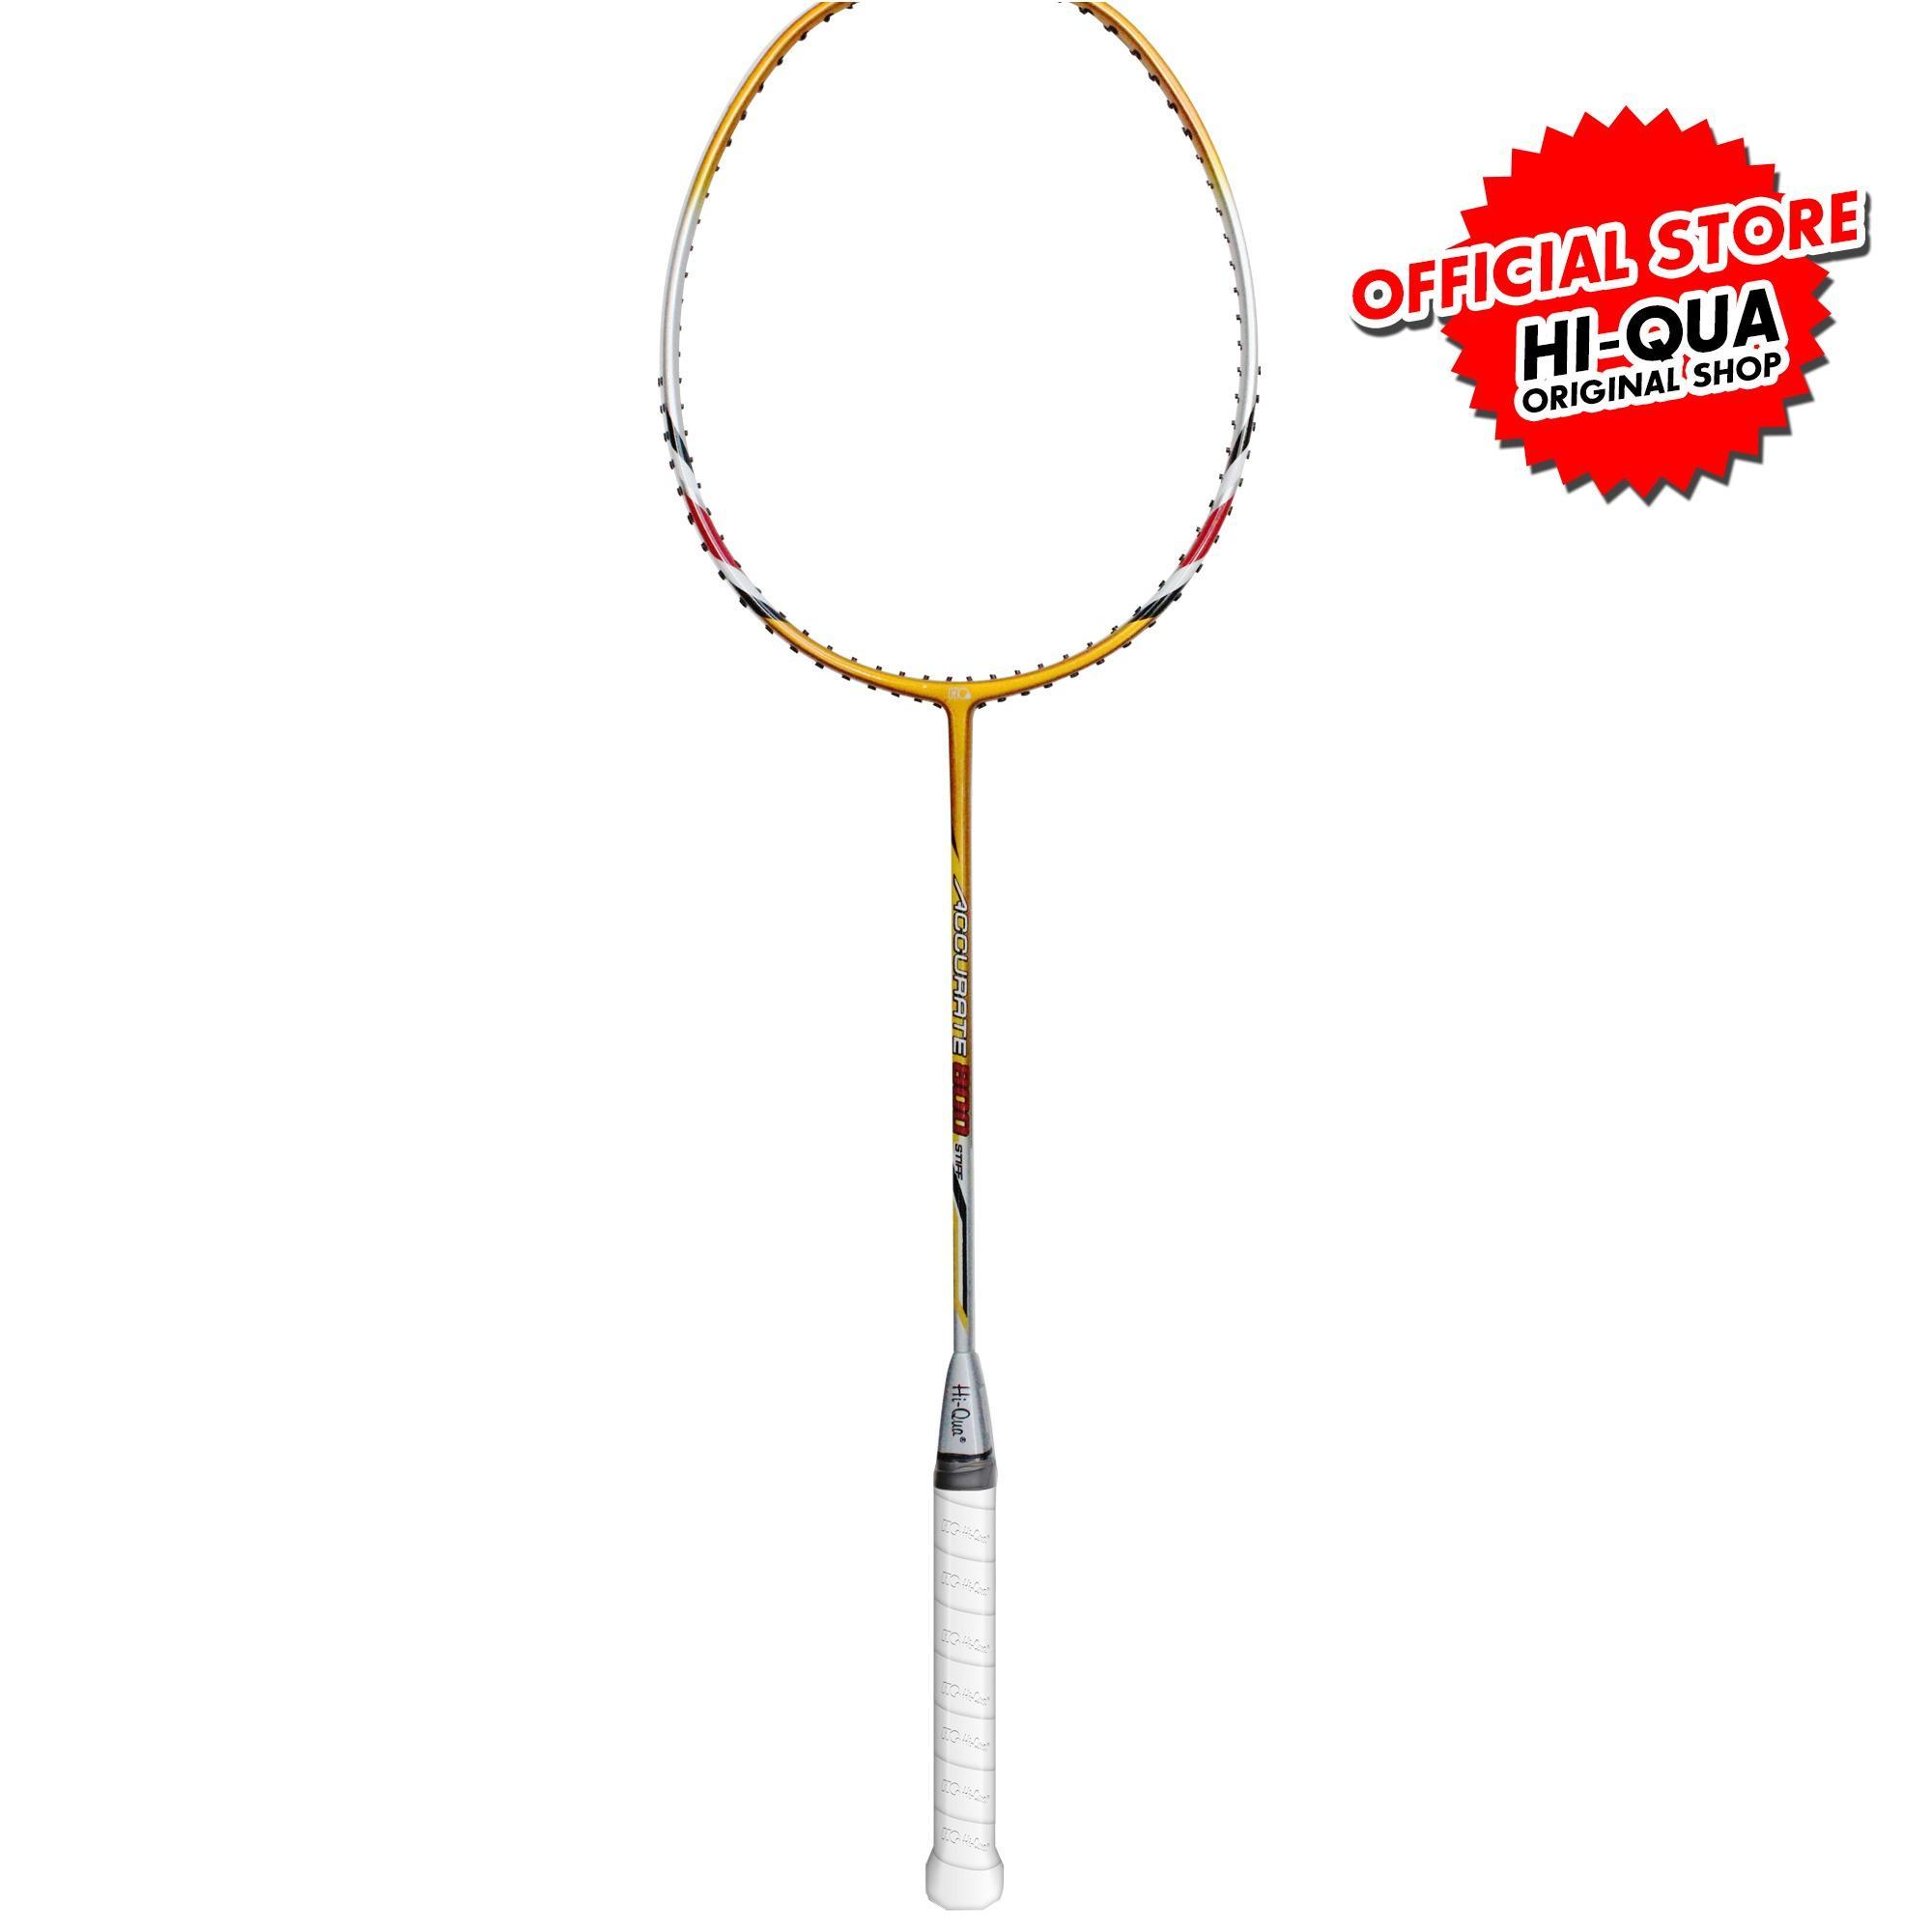 Katalog Hi Qua Raket Bulutangkis Badminton Accurate Camel Brown Hi Qua Terbaru